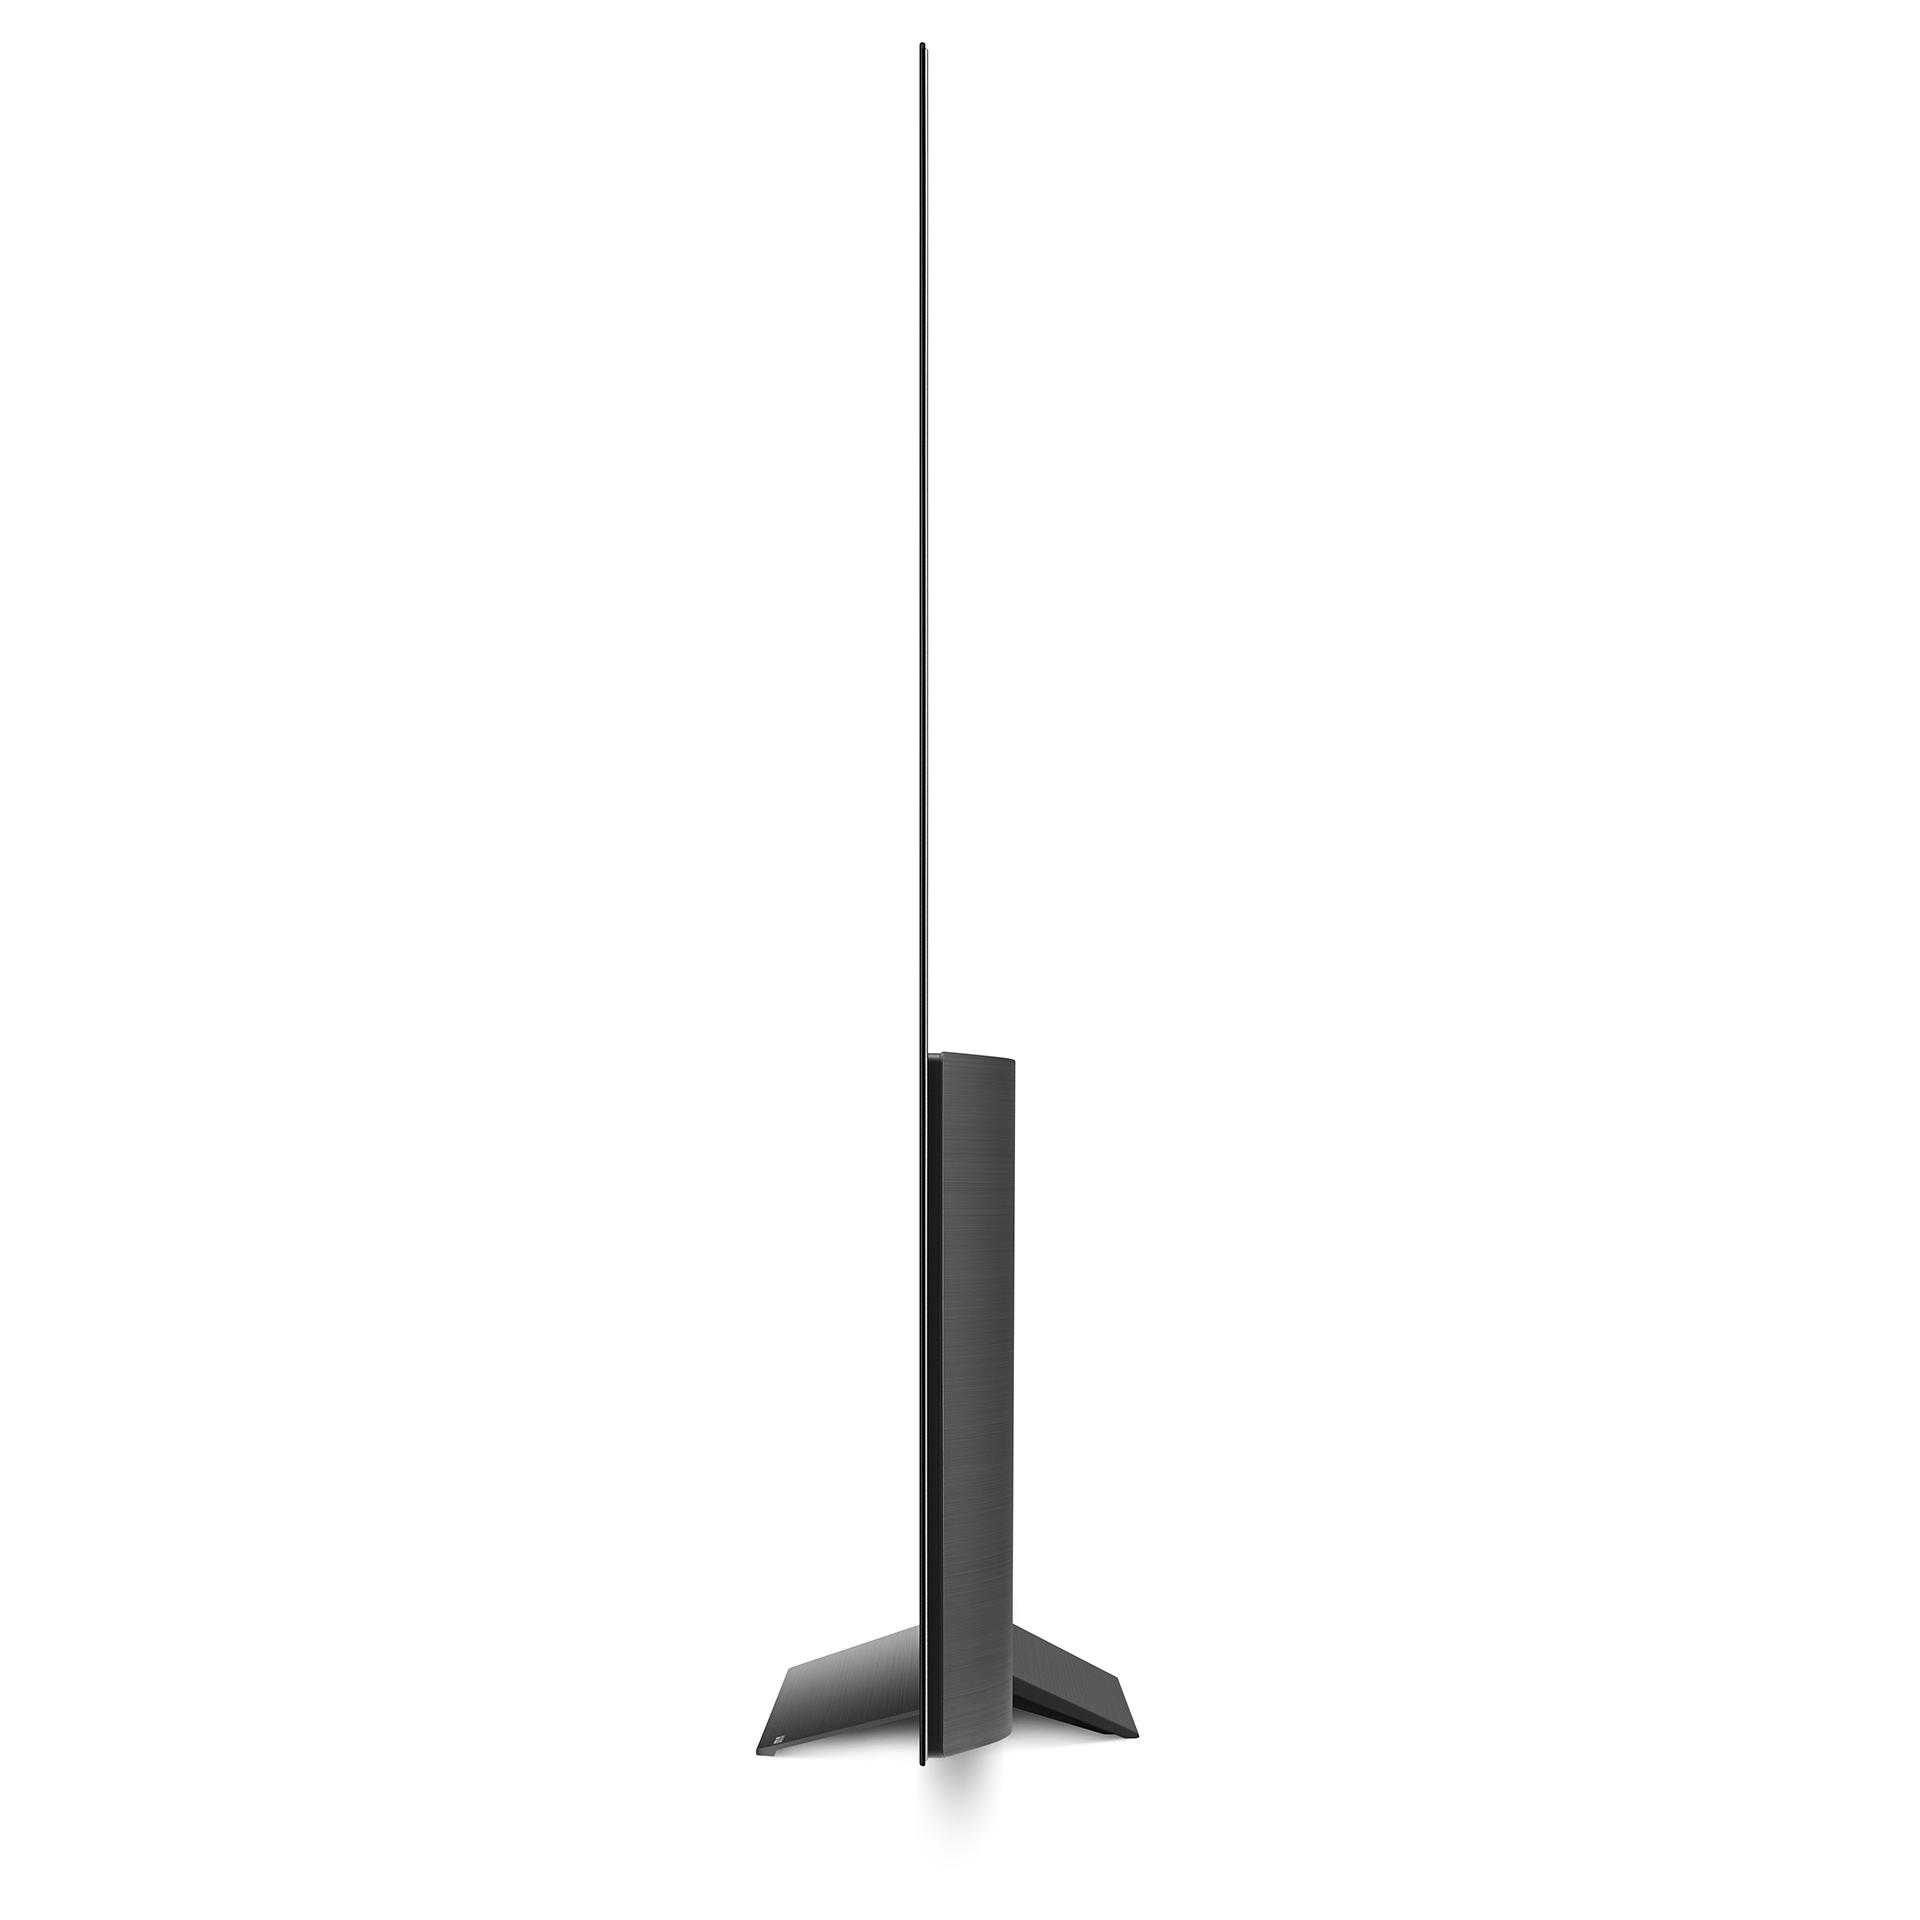 65'' OLED-teler LG B8